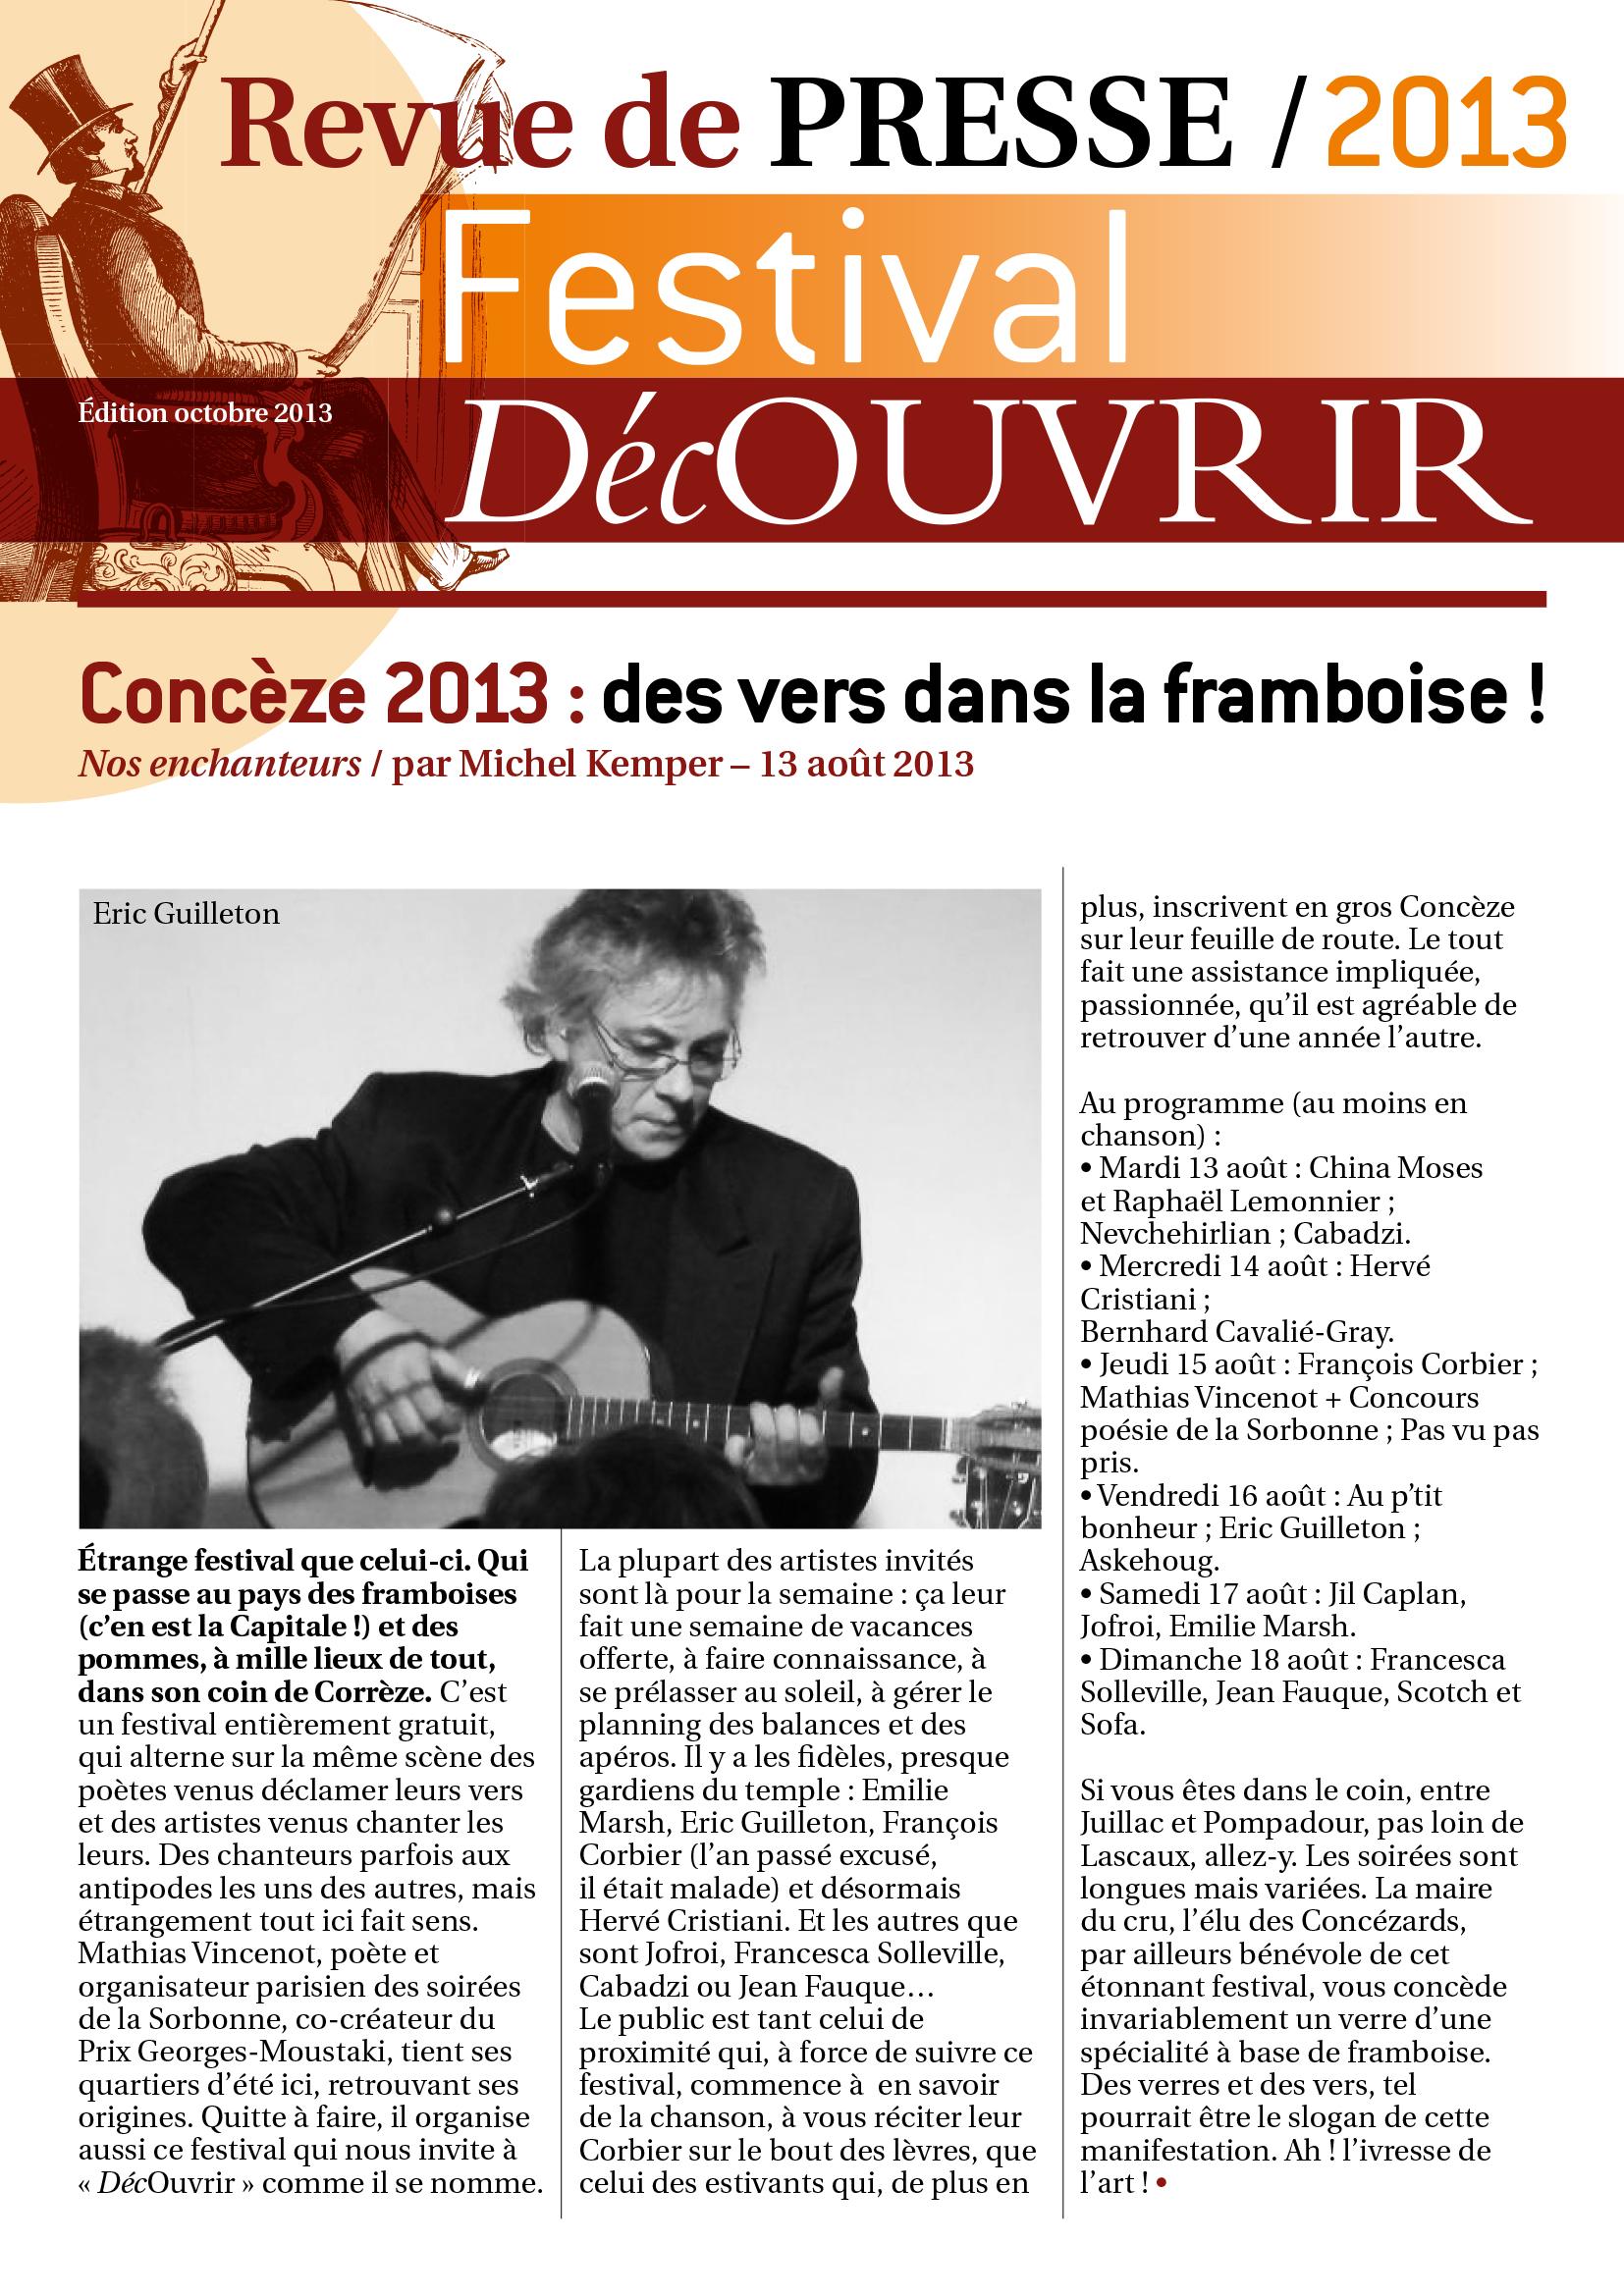 Revue de Presse FDC 2013-1